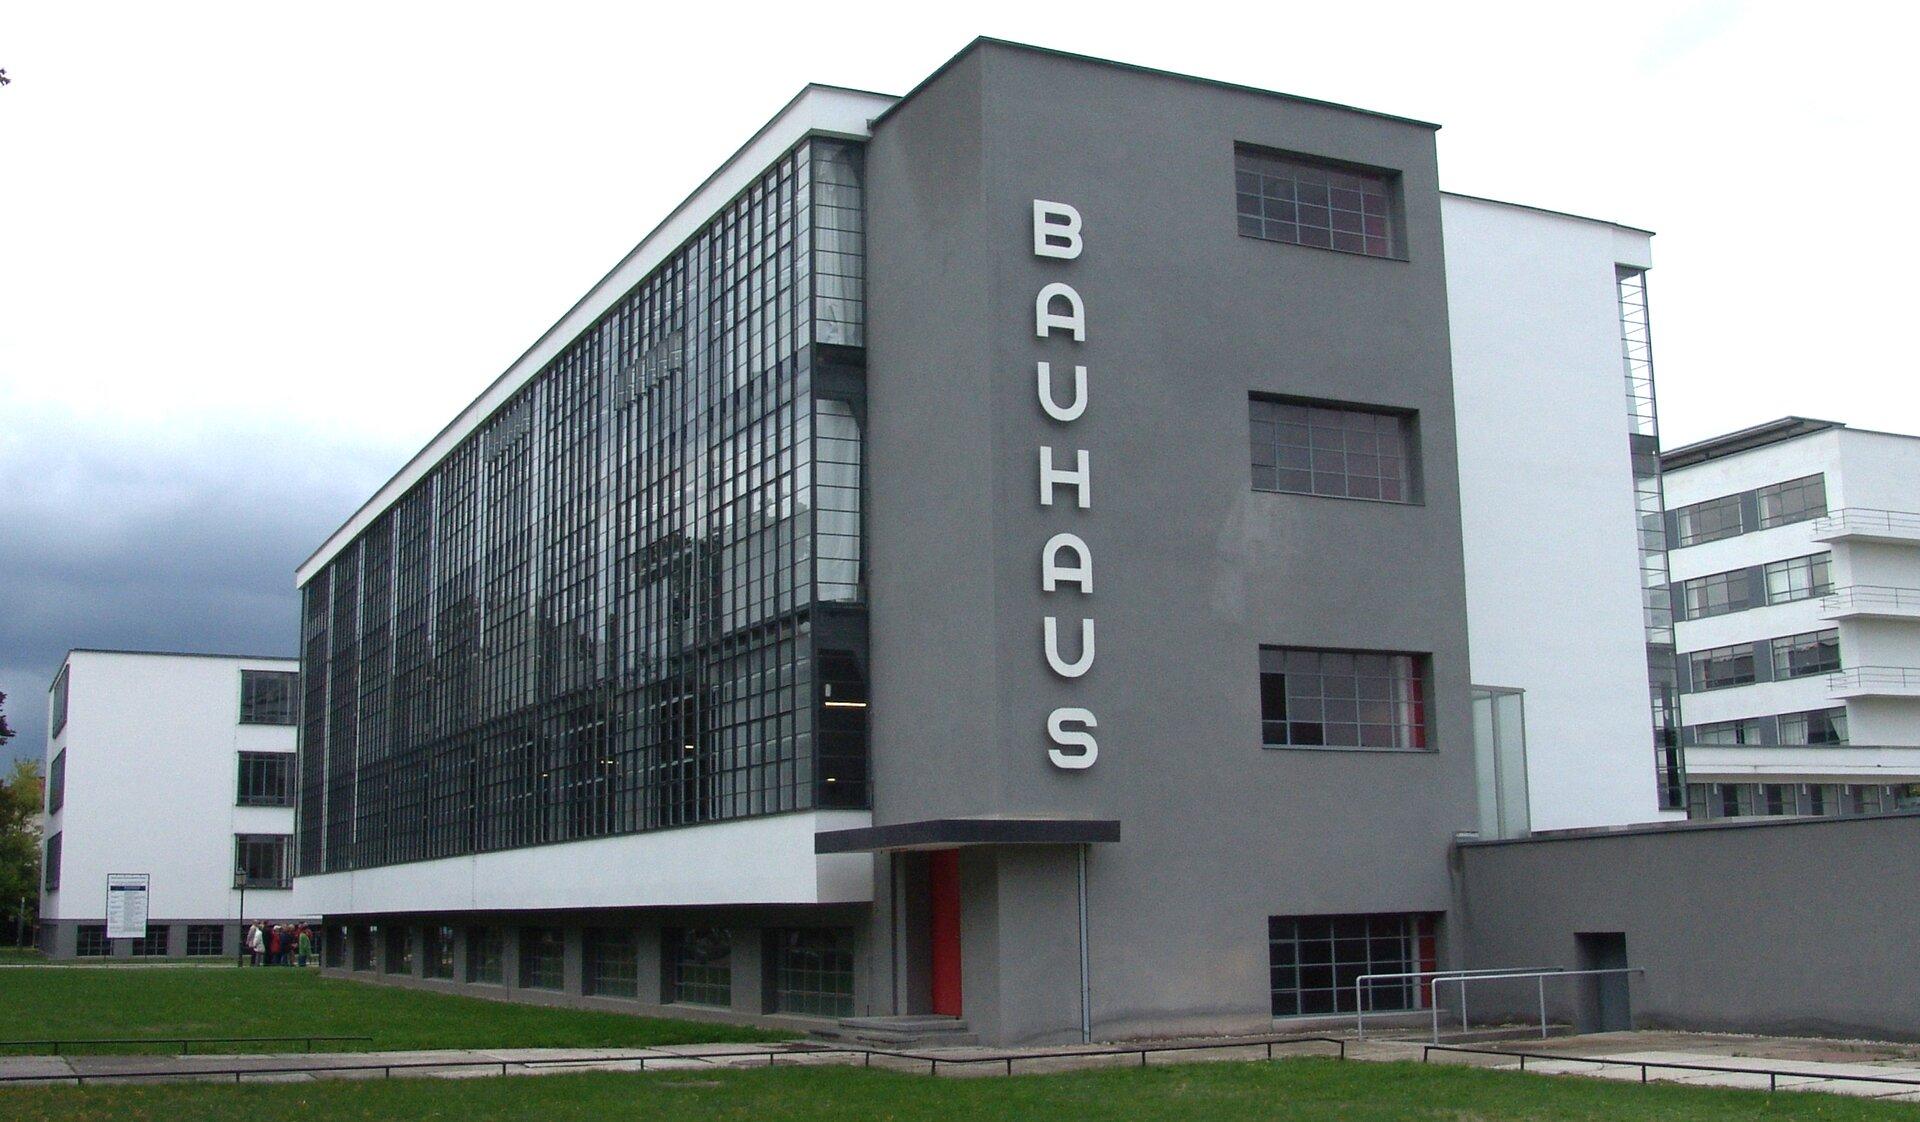 Ilustracja przedstawia kompleks budynków Bauhaus wDessau. Jest to zdjęcie wielokondygnacyjnego budynku wkształcie prostokąta. Dłuższy, front budynku jest przeszklony, ajego bok ciemno-szary zczerwonymi małymi drzwiami udołu. Nad drzwiami znajduje się niewielkie zadaszenie. Przeszklona część jest zakończona zarówno udołu jak iugóry białą fasadą. Pod dolną fasadą widać okna piwniczne. Wpionie na boku elewacji umieszczono biały napis znazwą budynku. Przed budynkiem jest trawnik zchodnikiem prowadzącym do drzwi. Wtle widać dwa białe wielopiętrowe budynki. Na ilustracji umieszczony jest niebieski pulsujący punkt. Po kliknięciu kursorem myszki wpunkt wyświetlą się dodatkowe informacje.